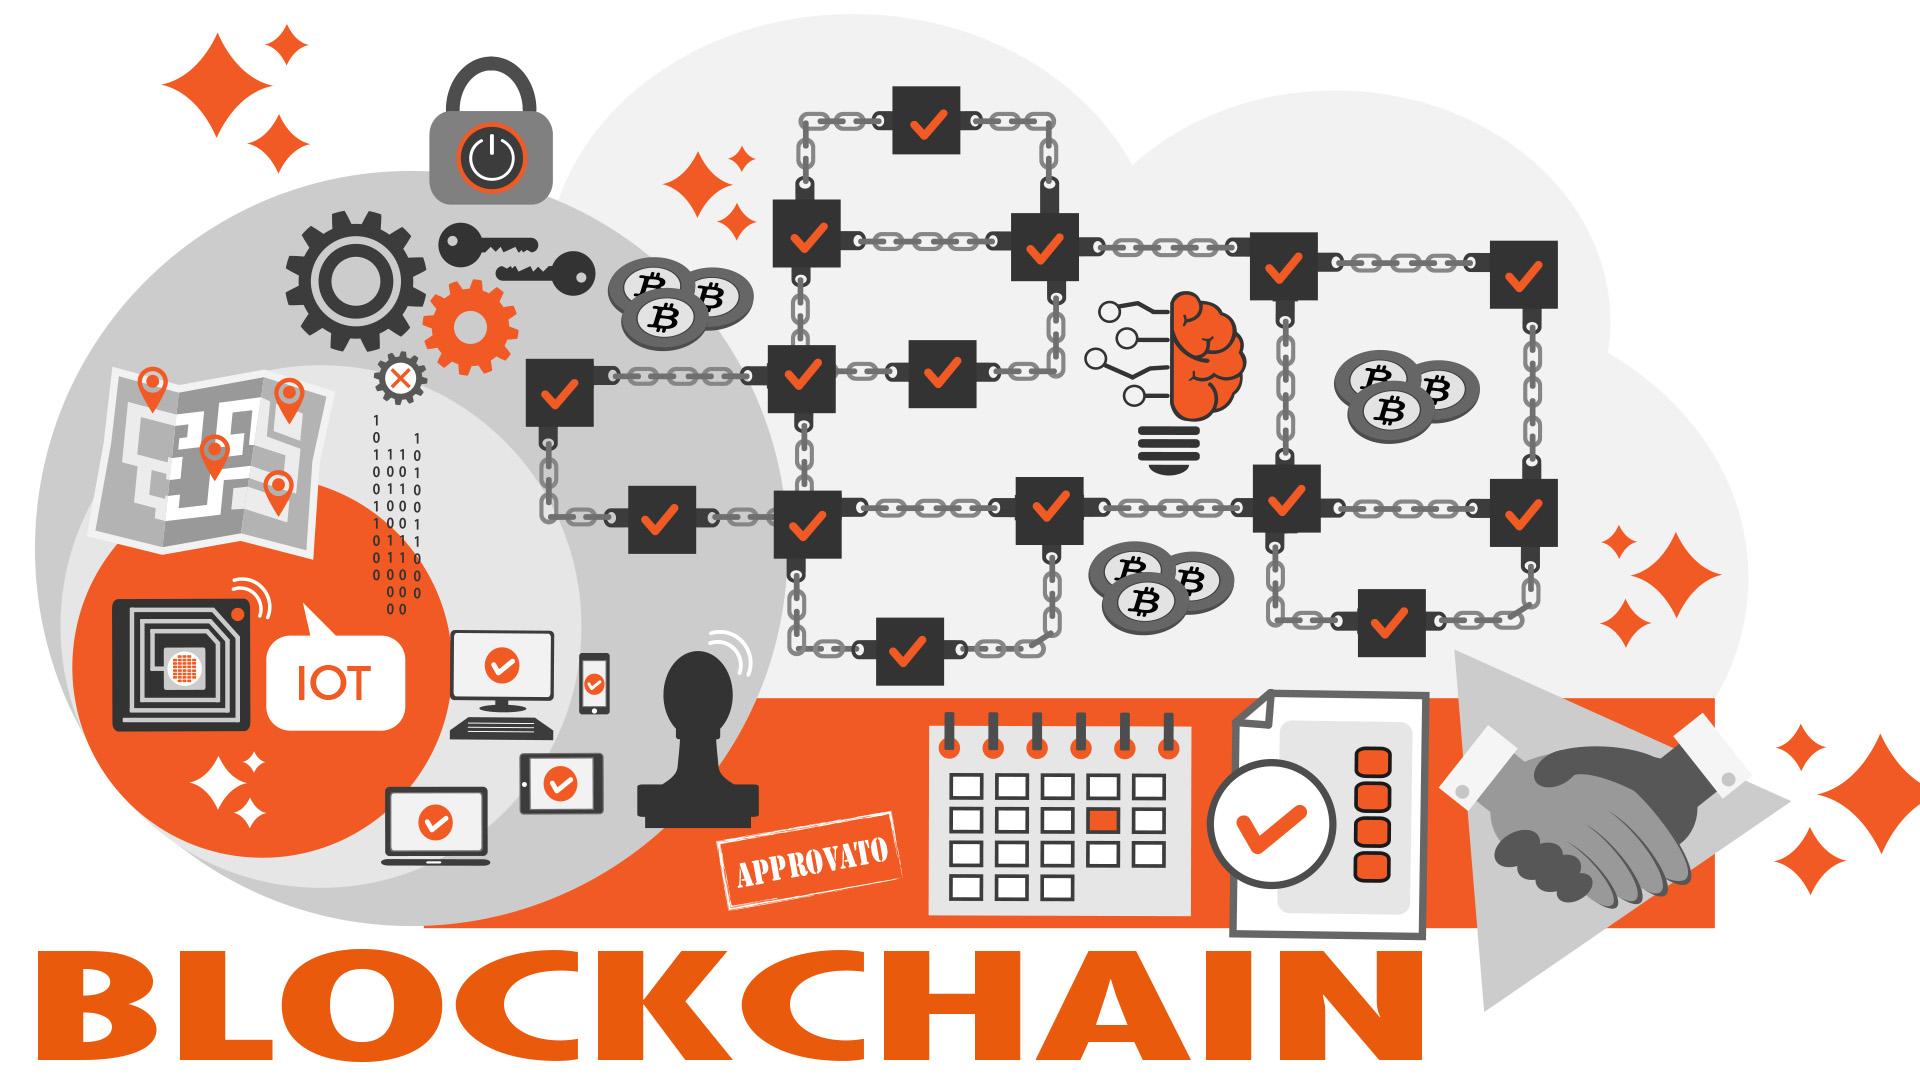 IoT e Blockchain